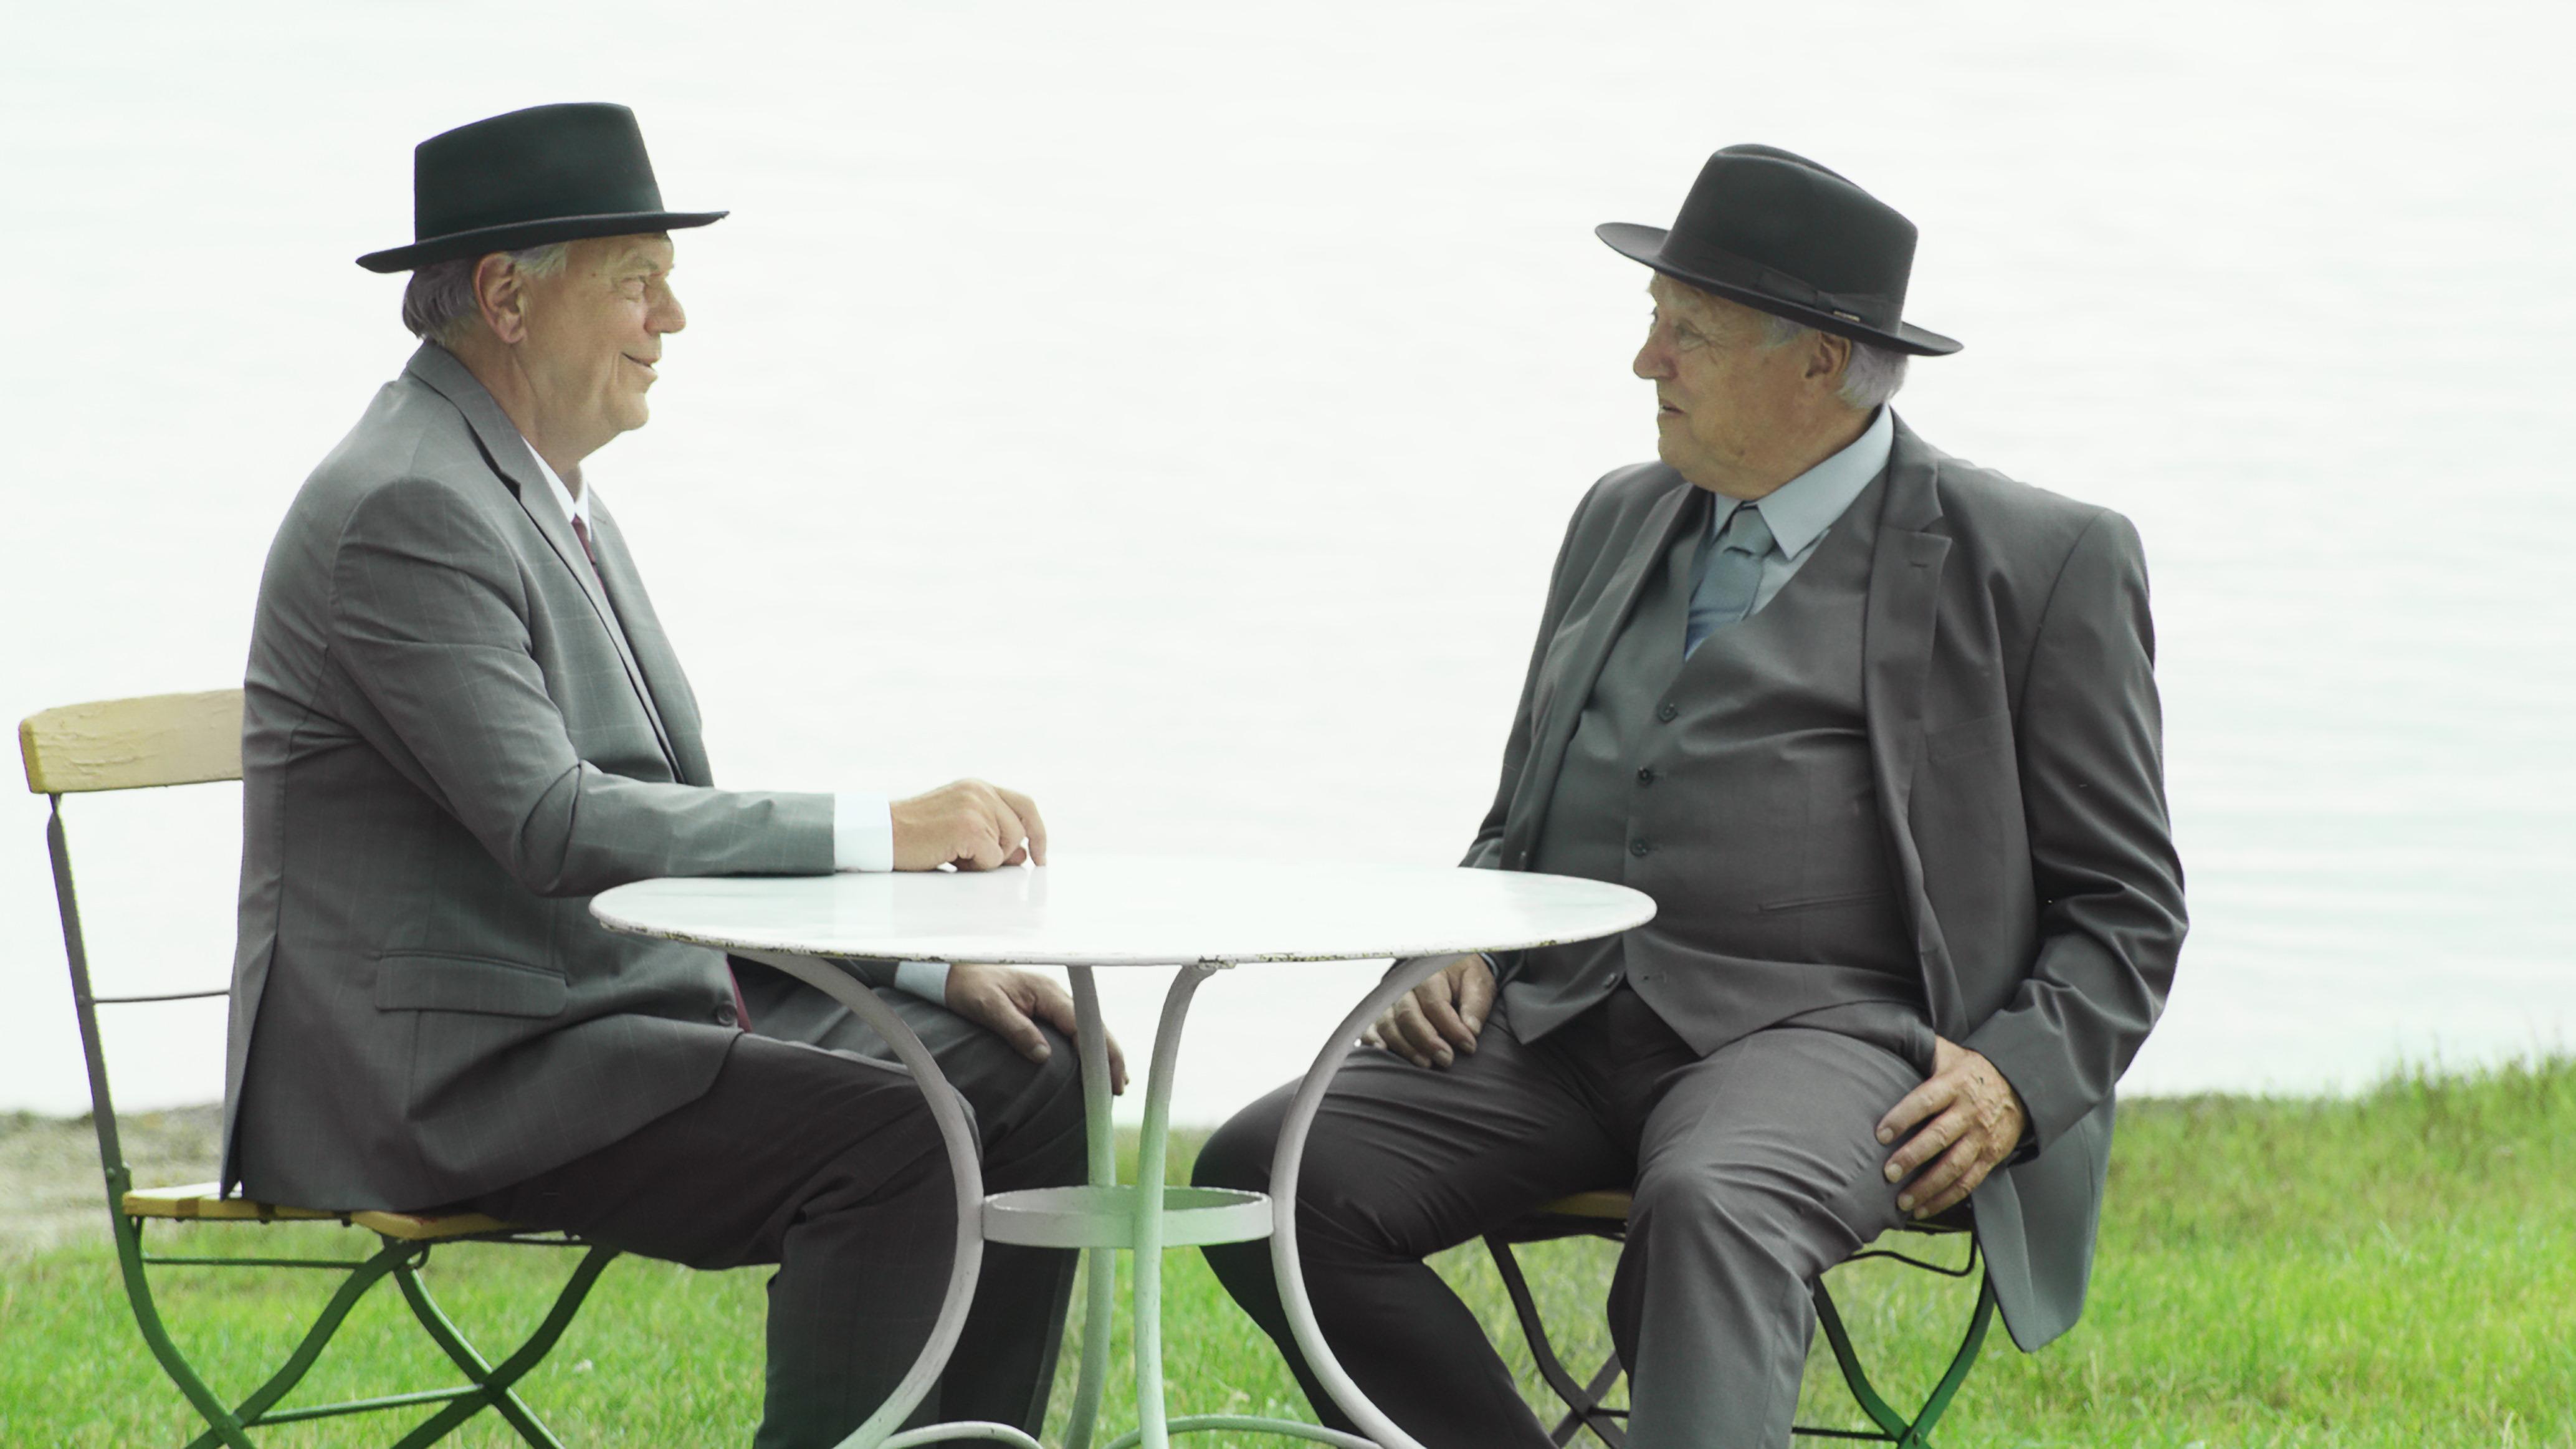 Zwei Herren im Anzug